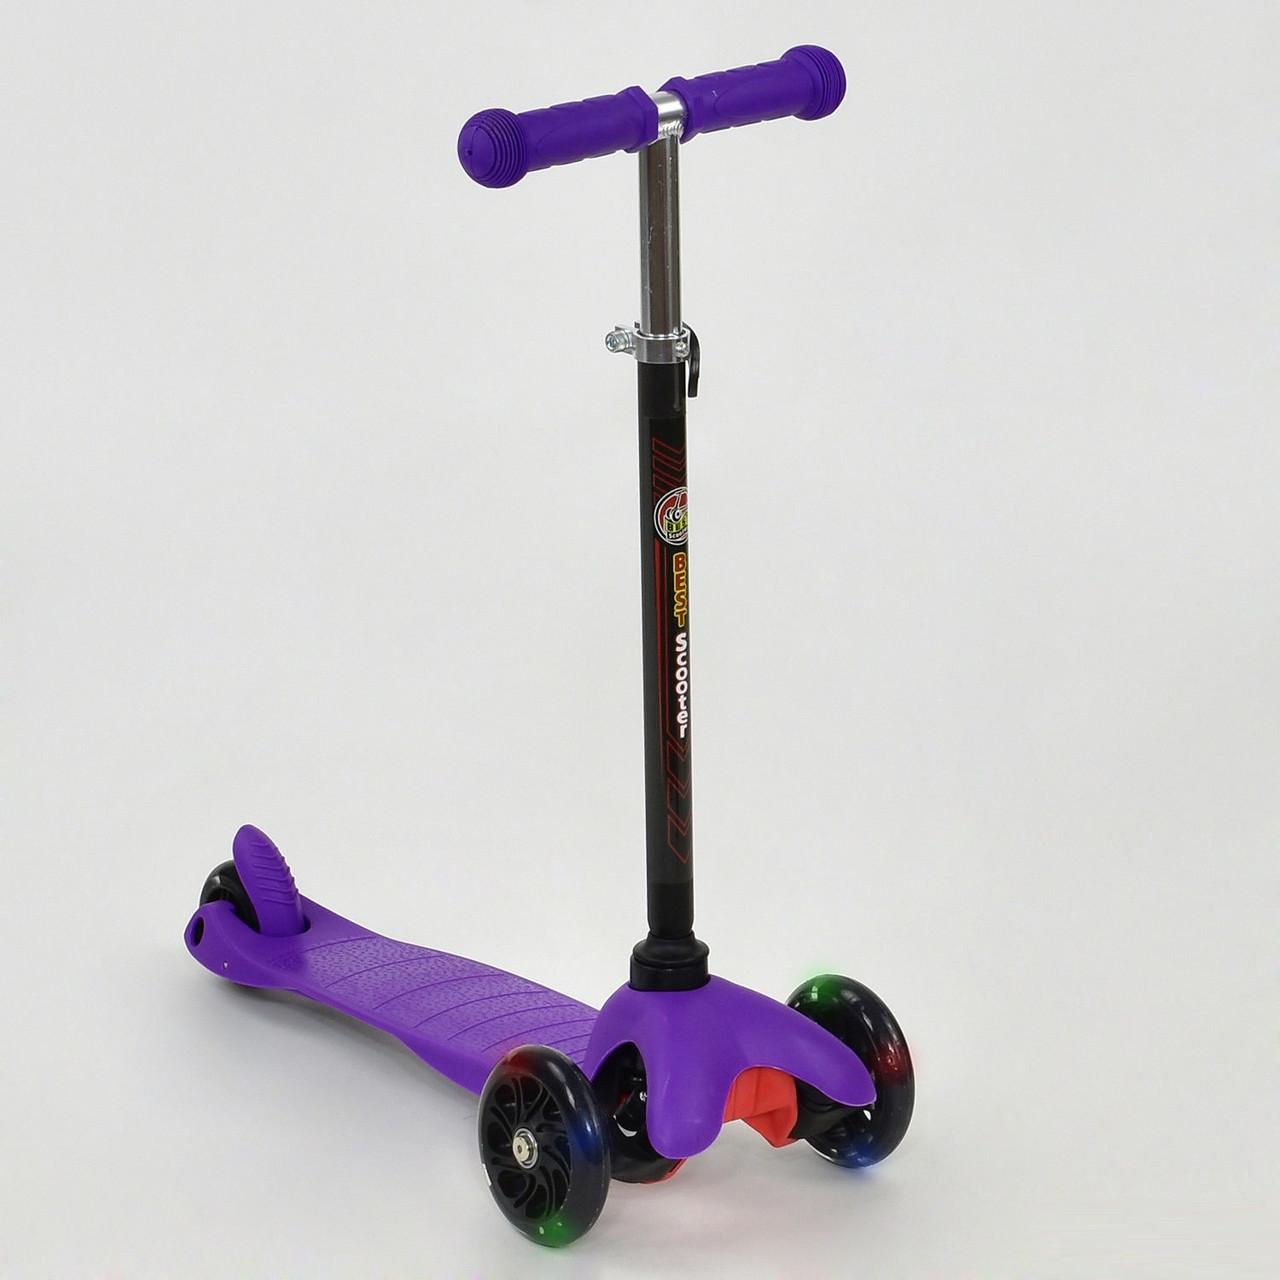 Самокат детский трехколесный Scooter Mini 466-112 фиолетовый